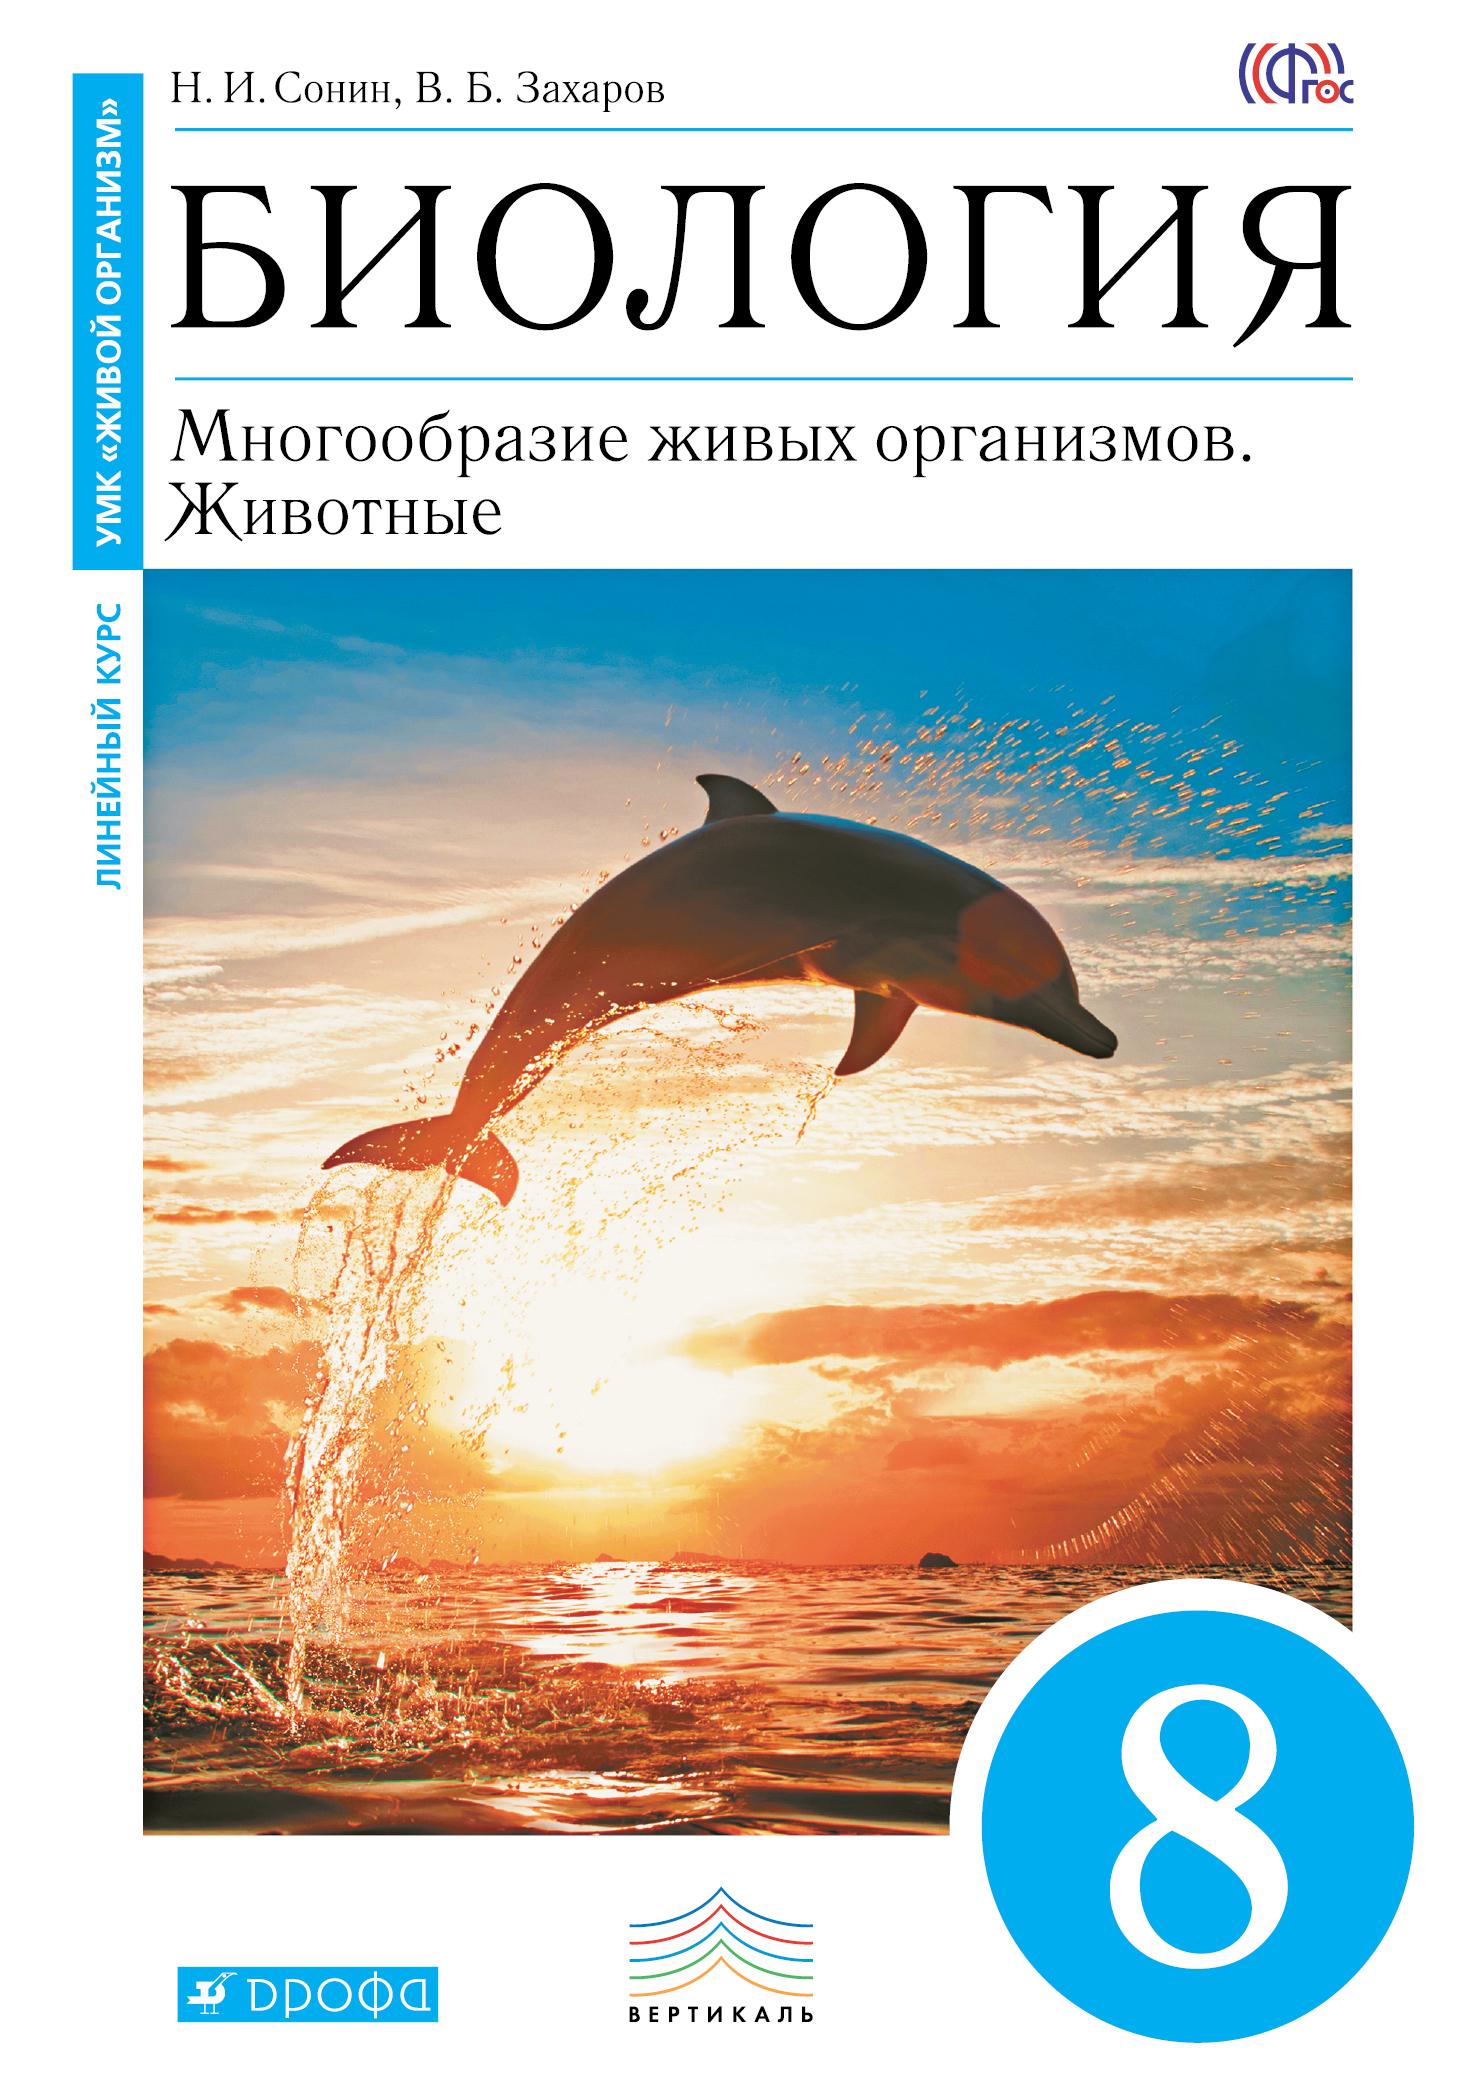 Н. Н. Сонин Биология. Многообразие живых организмов. Животные. 8 класс. Учебник